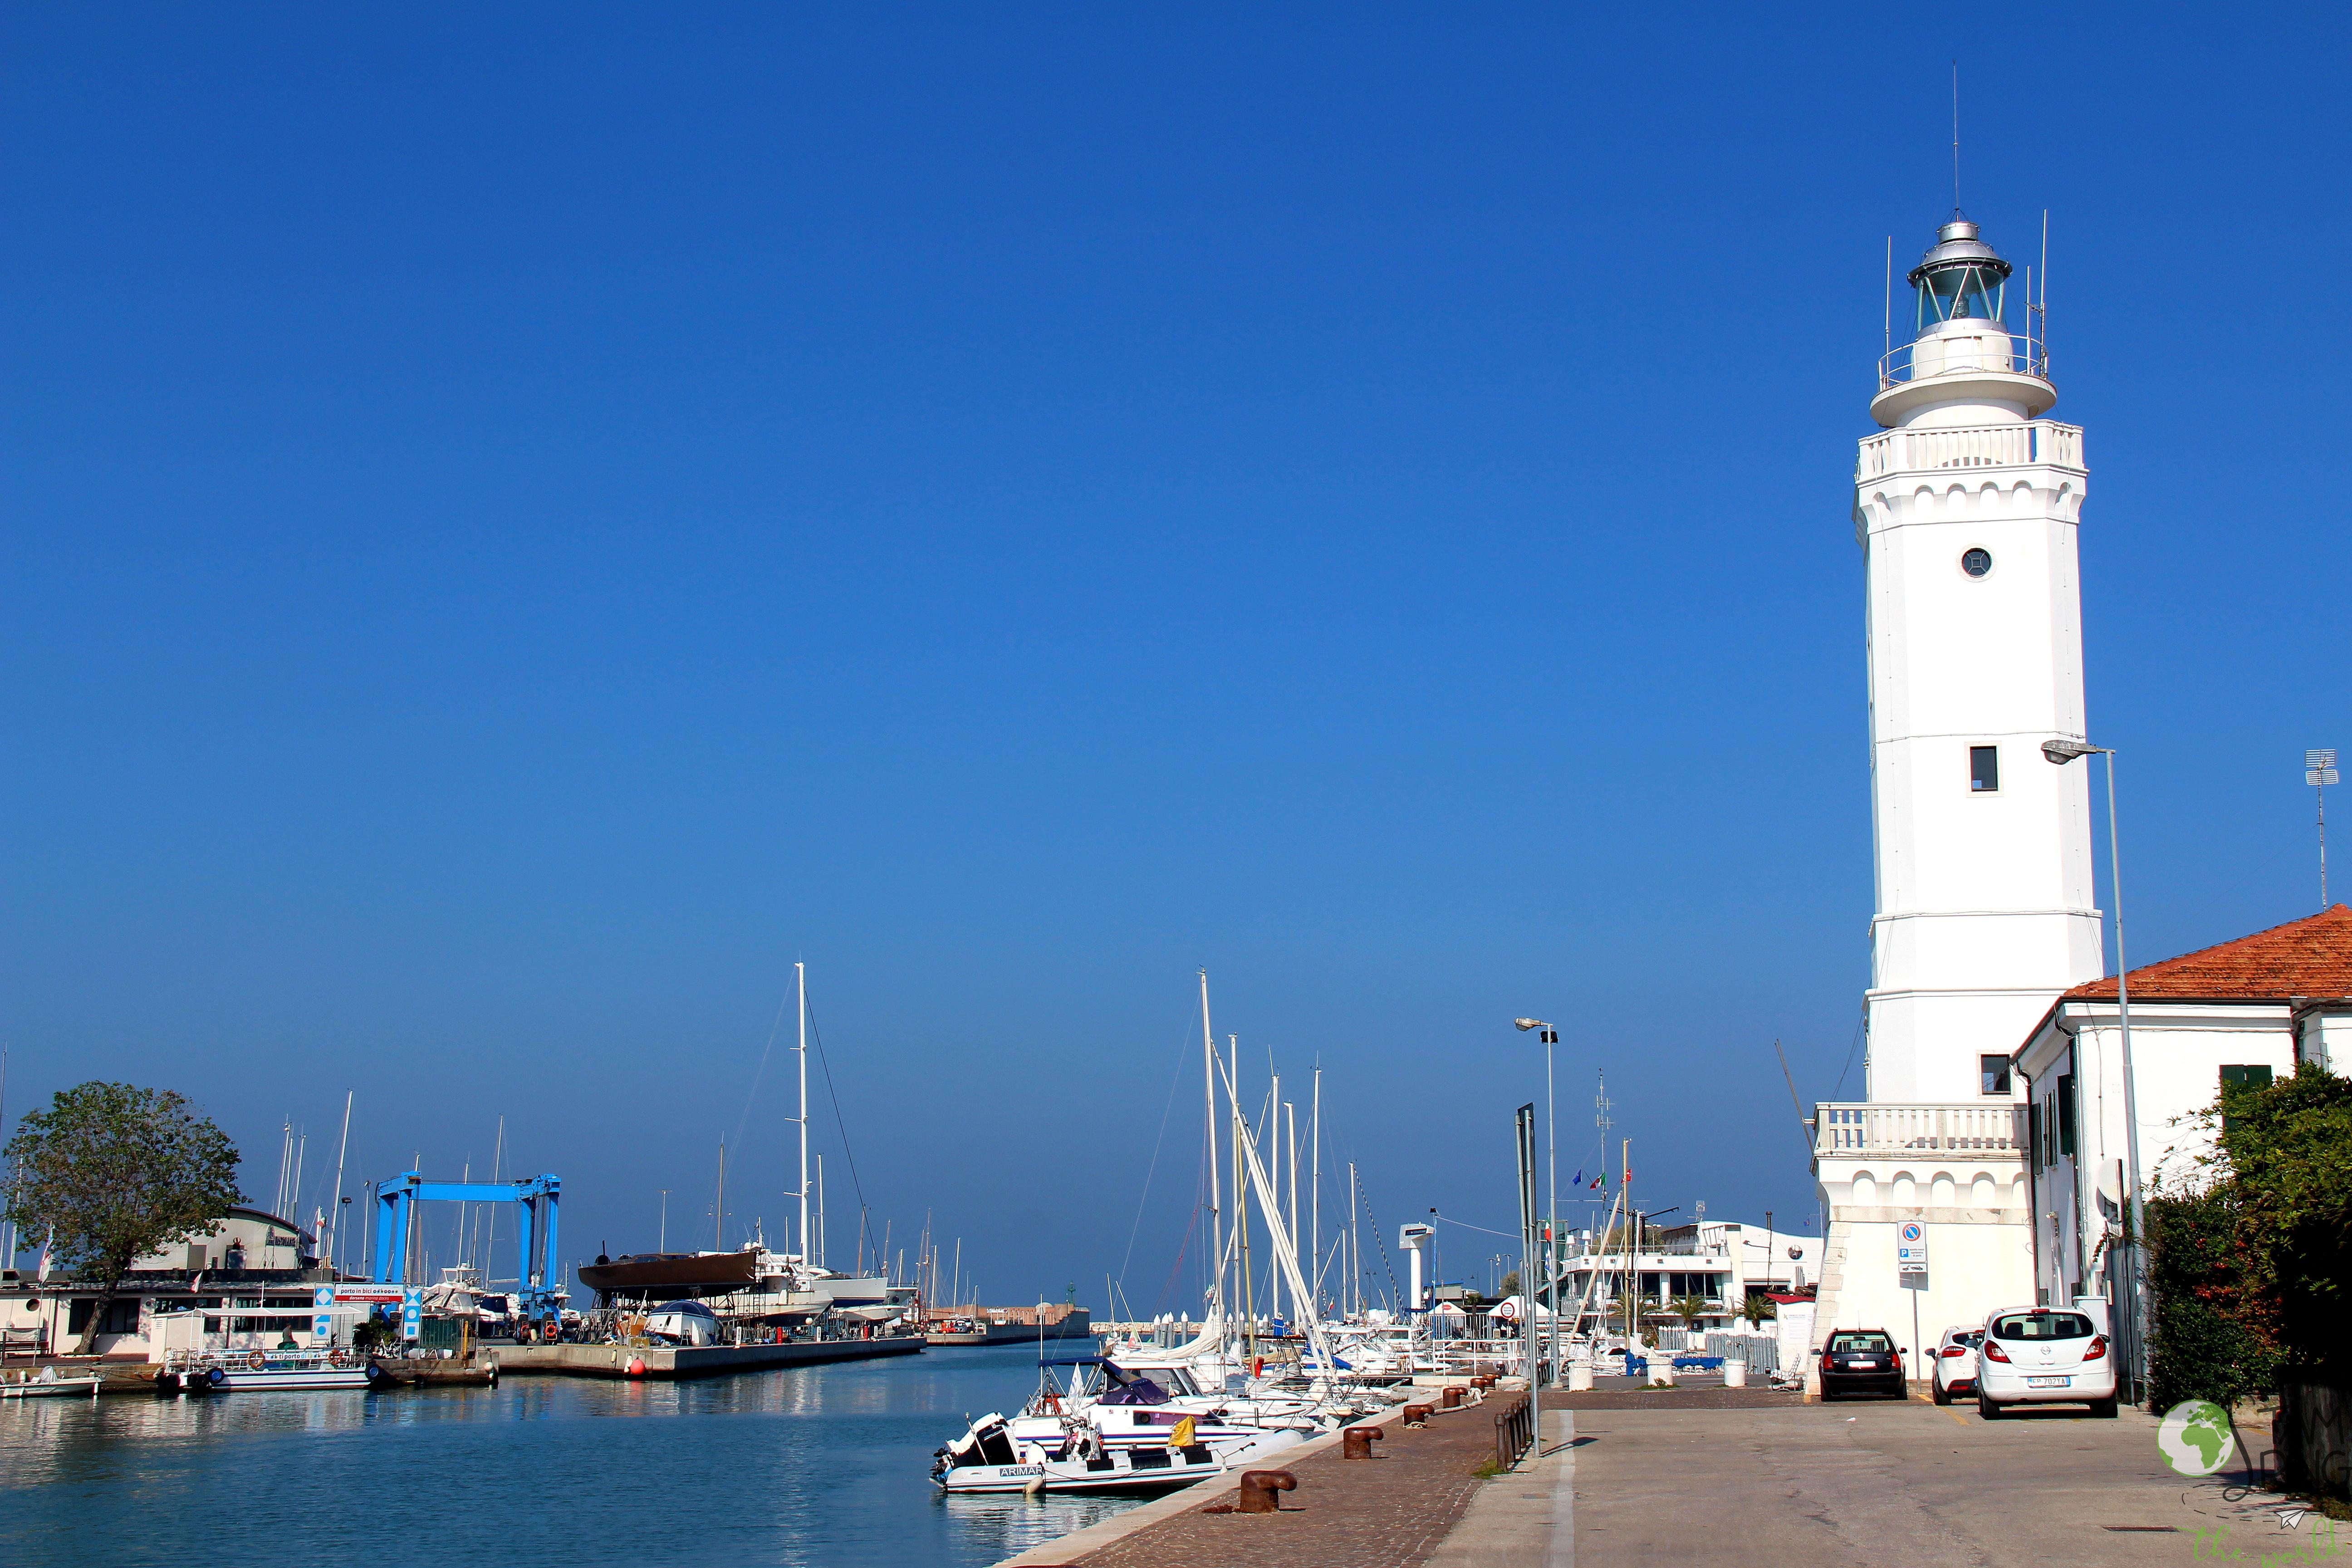 Faro - Cosa vedere a Rimini